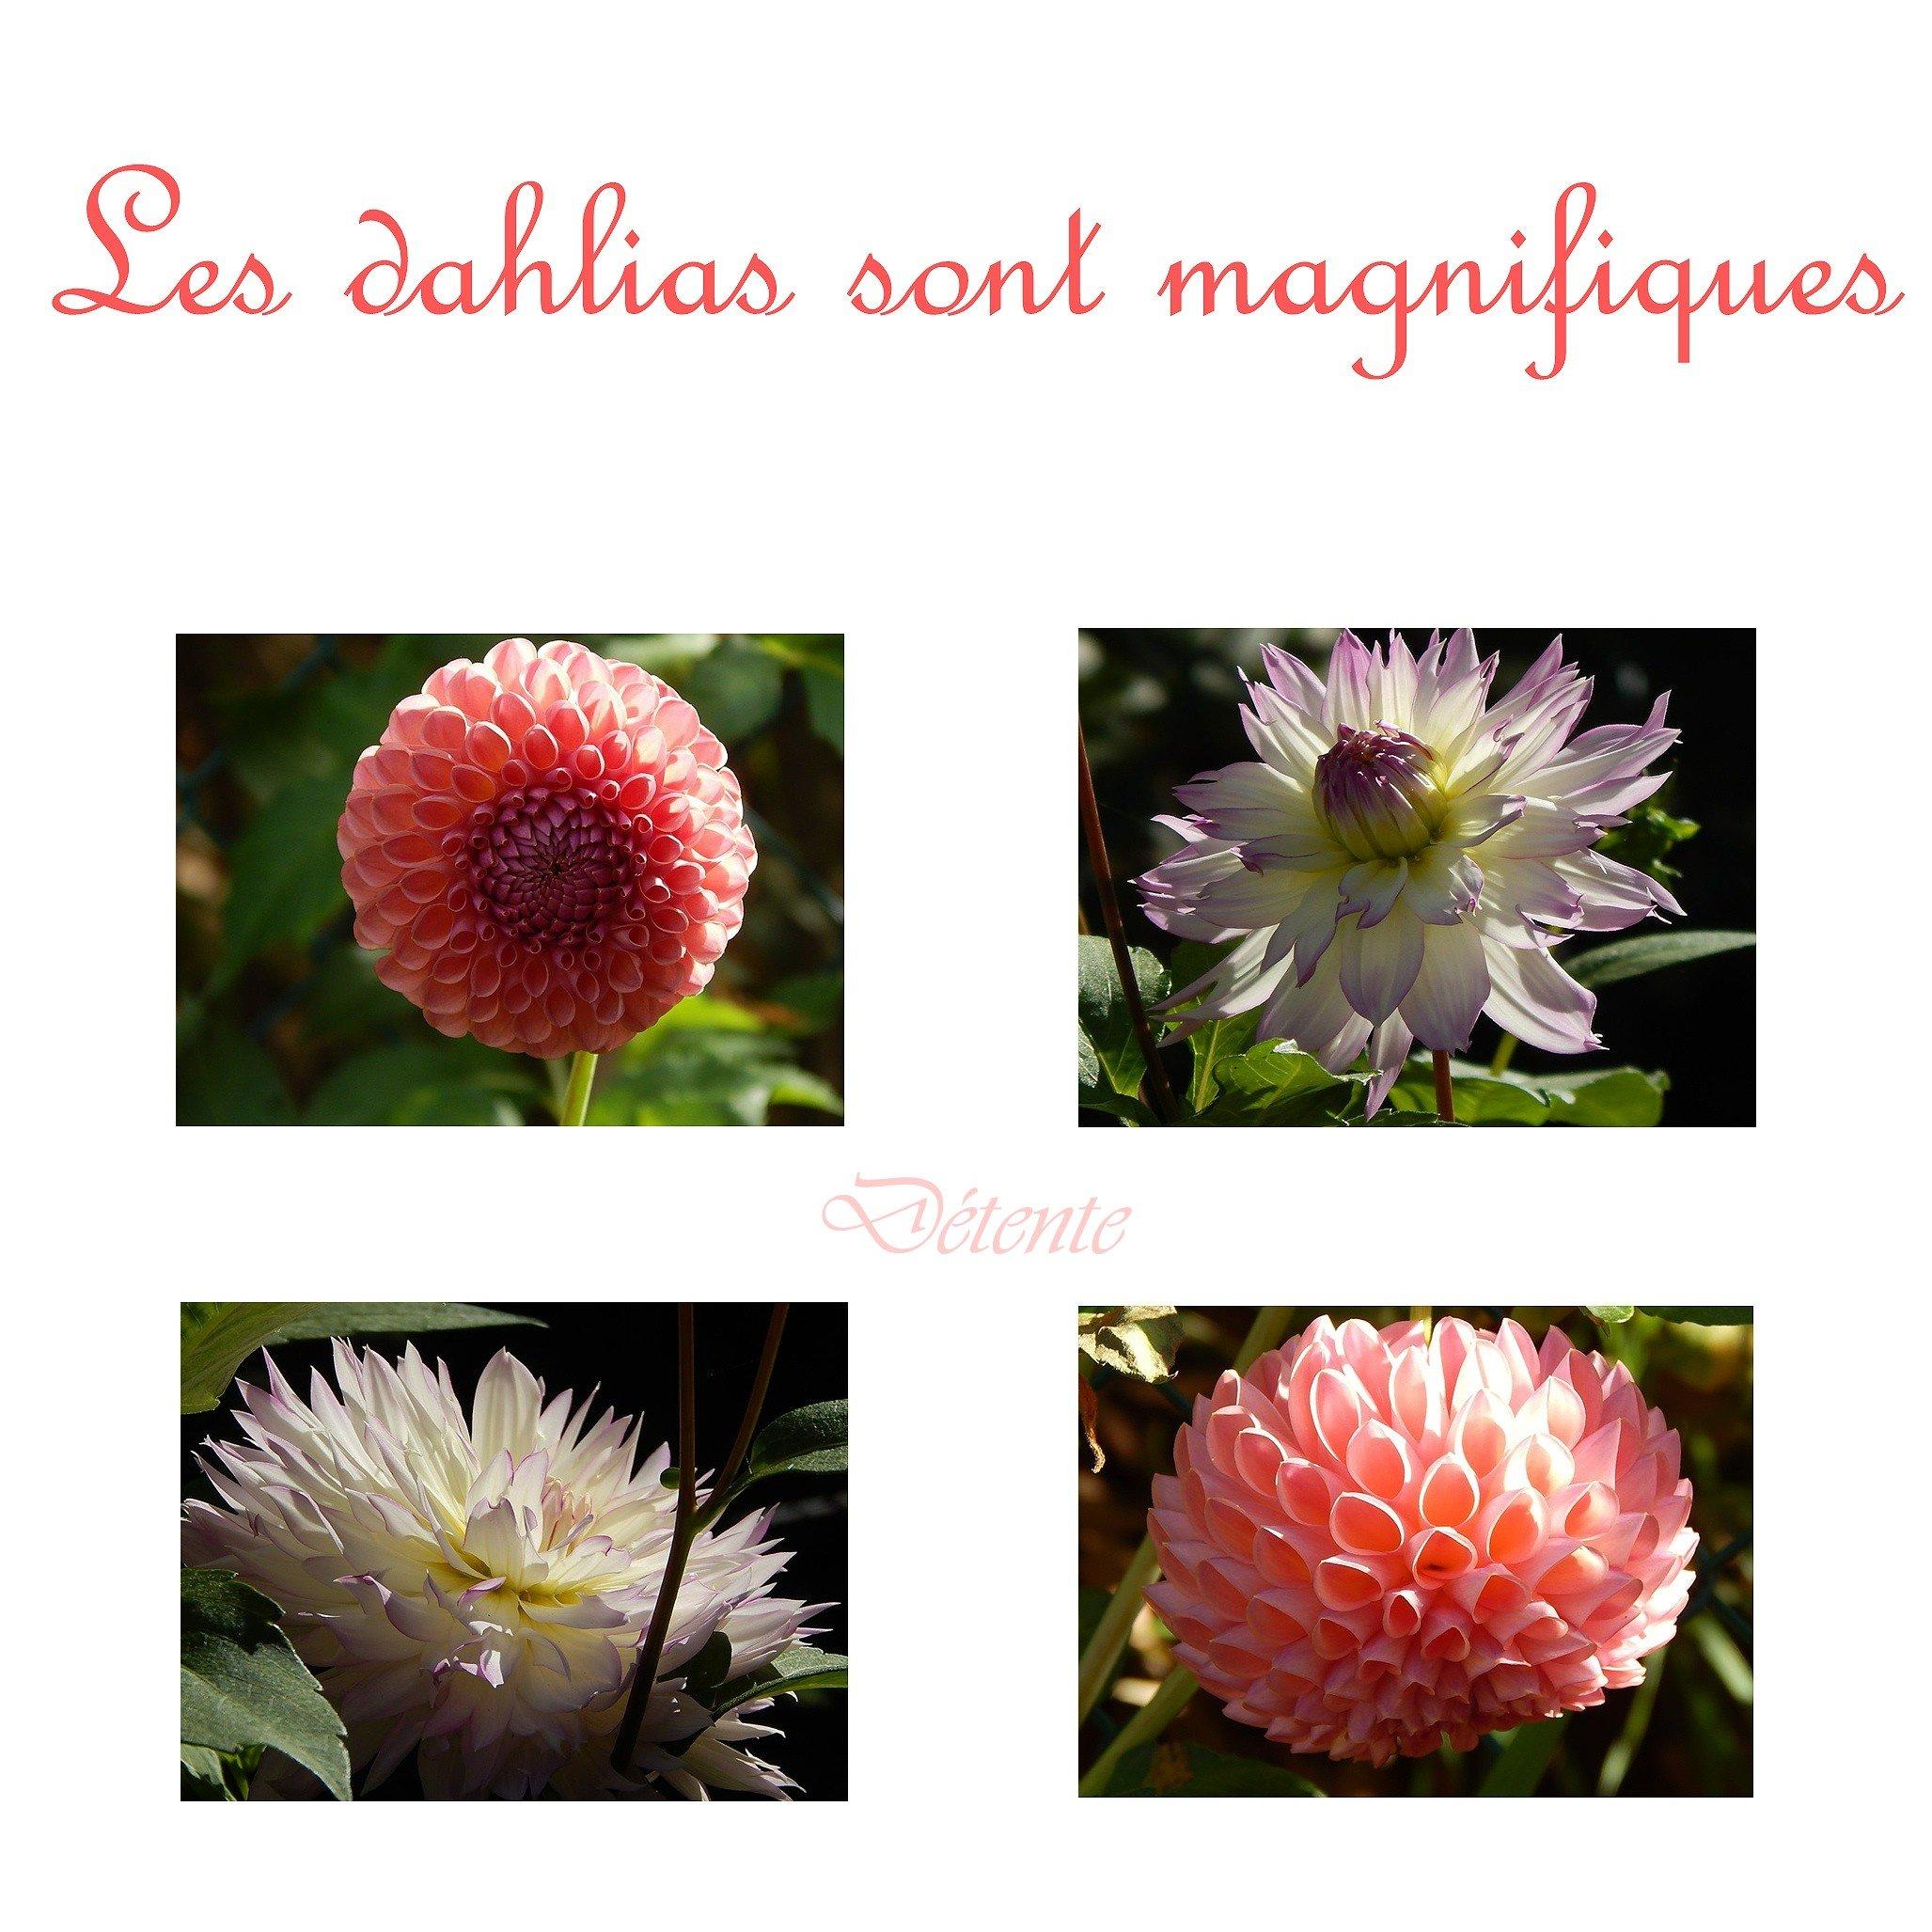 dahlias magnifiques01_Page000